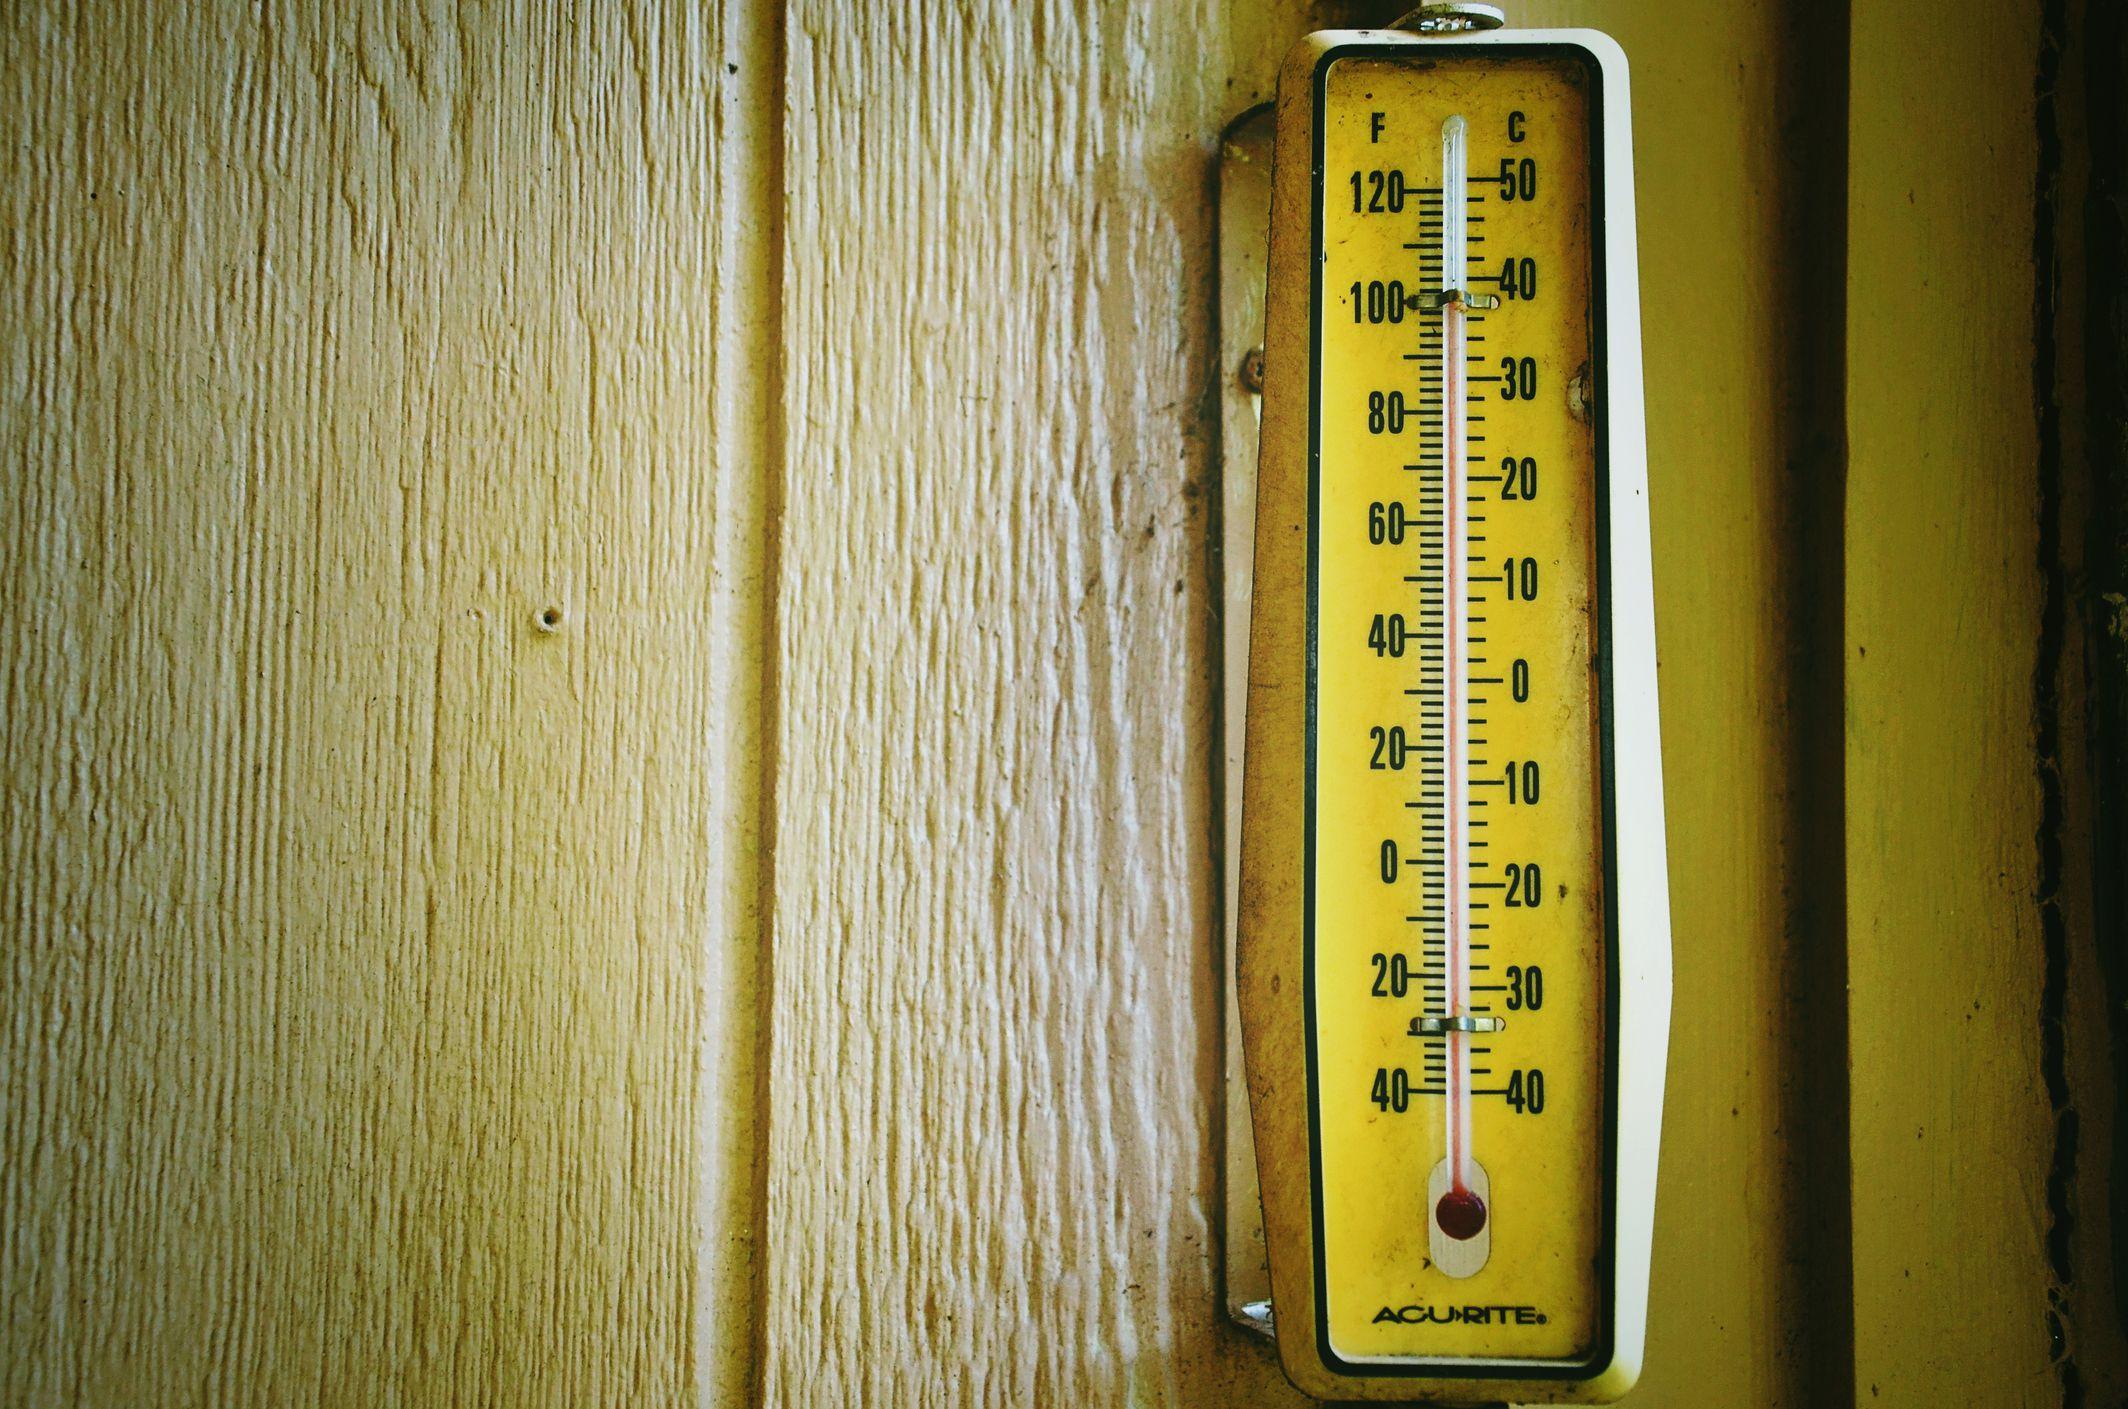 Temperature Converter For Celsius And Fahrenheit